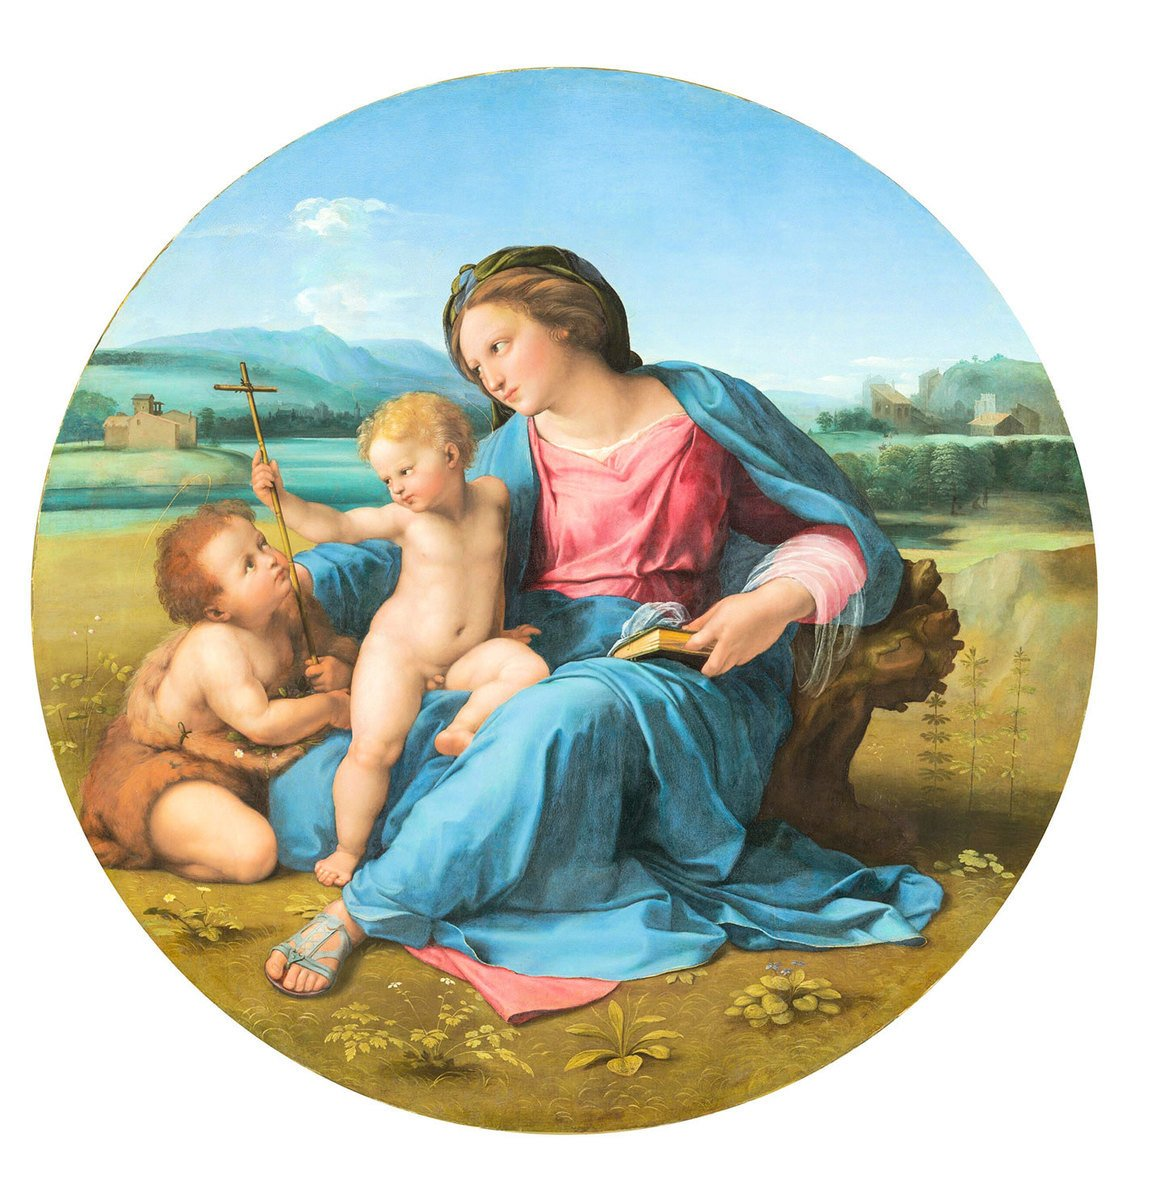 拉斐爾的作品《阿爾巴的聖母》(The Alba Madonna)細部,約1510年。油彩、畫板,140.34 × 15.88 公分。華盛頓國家藝廊收藏。(公有領域)